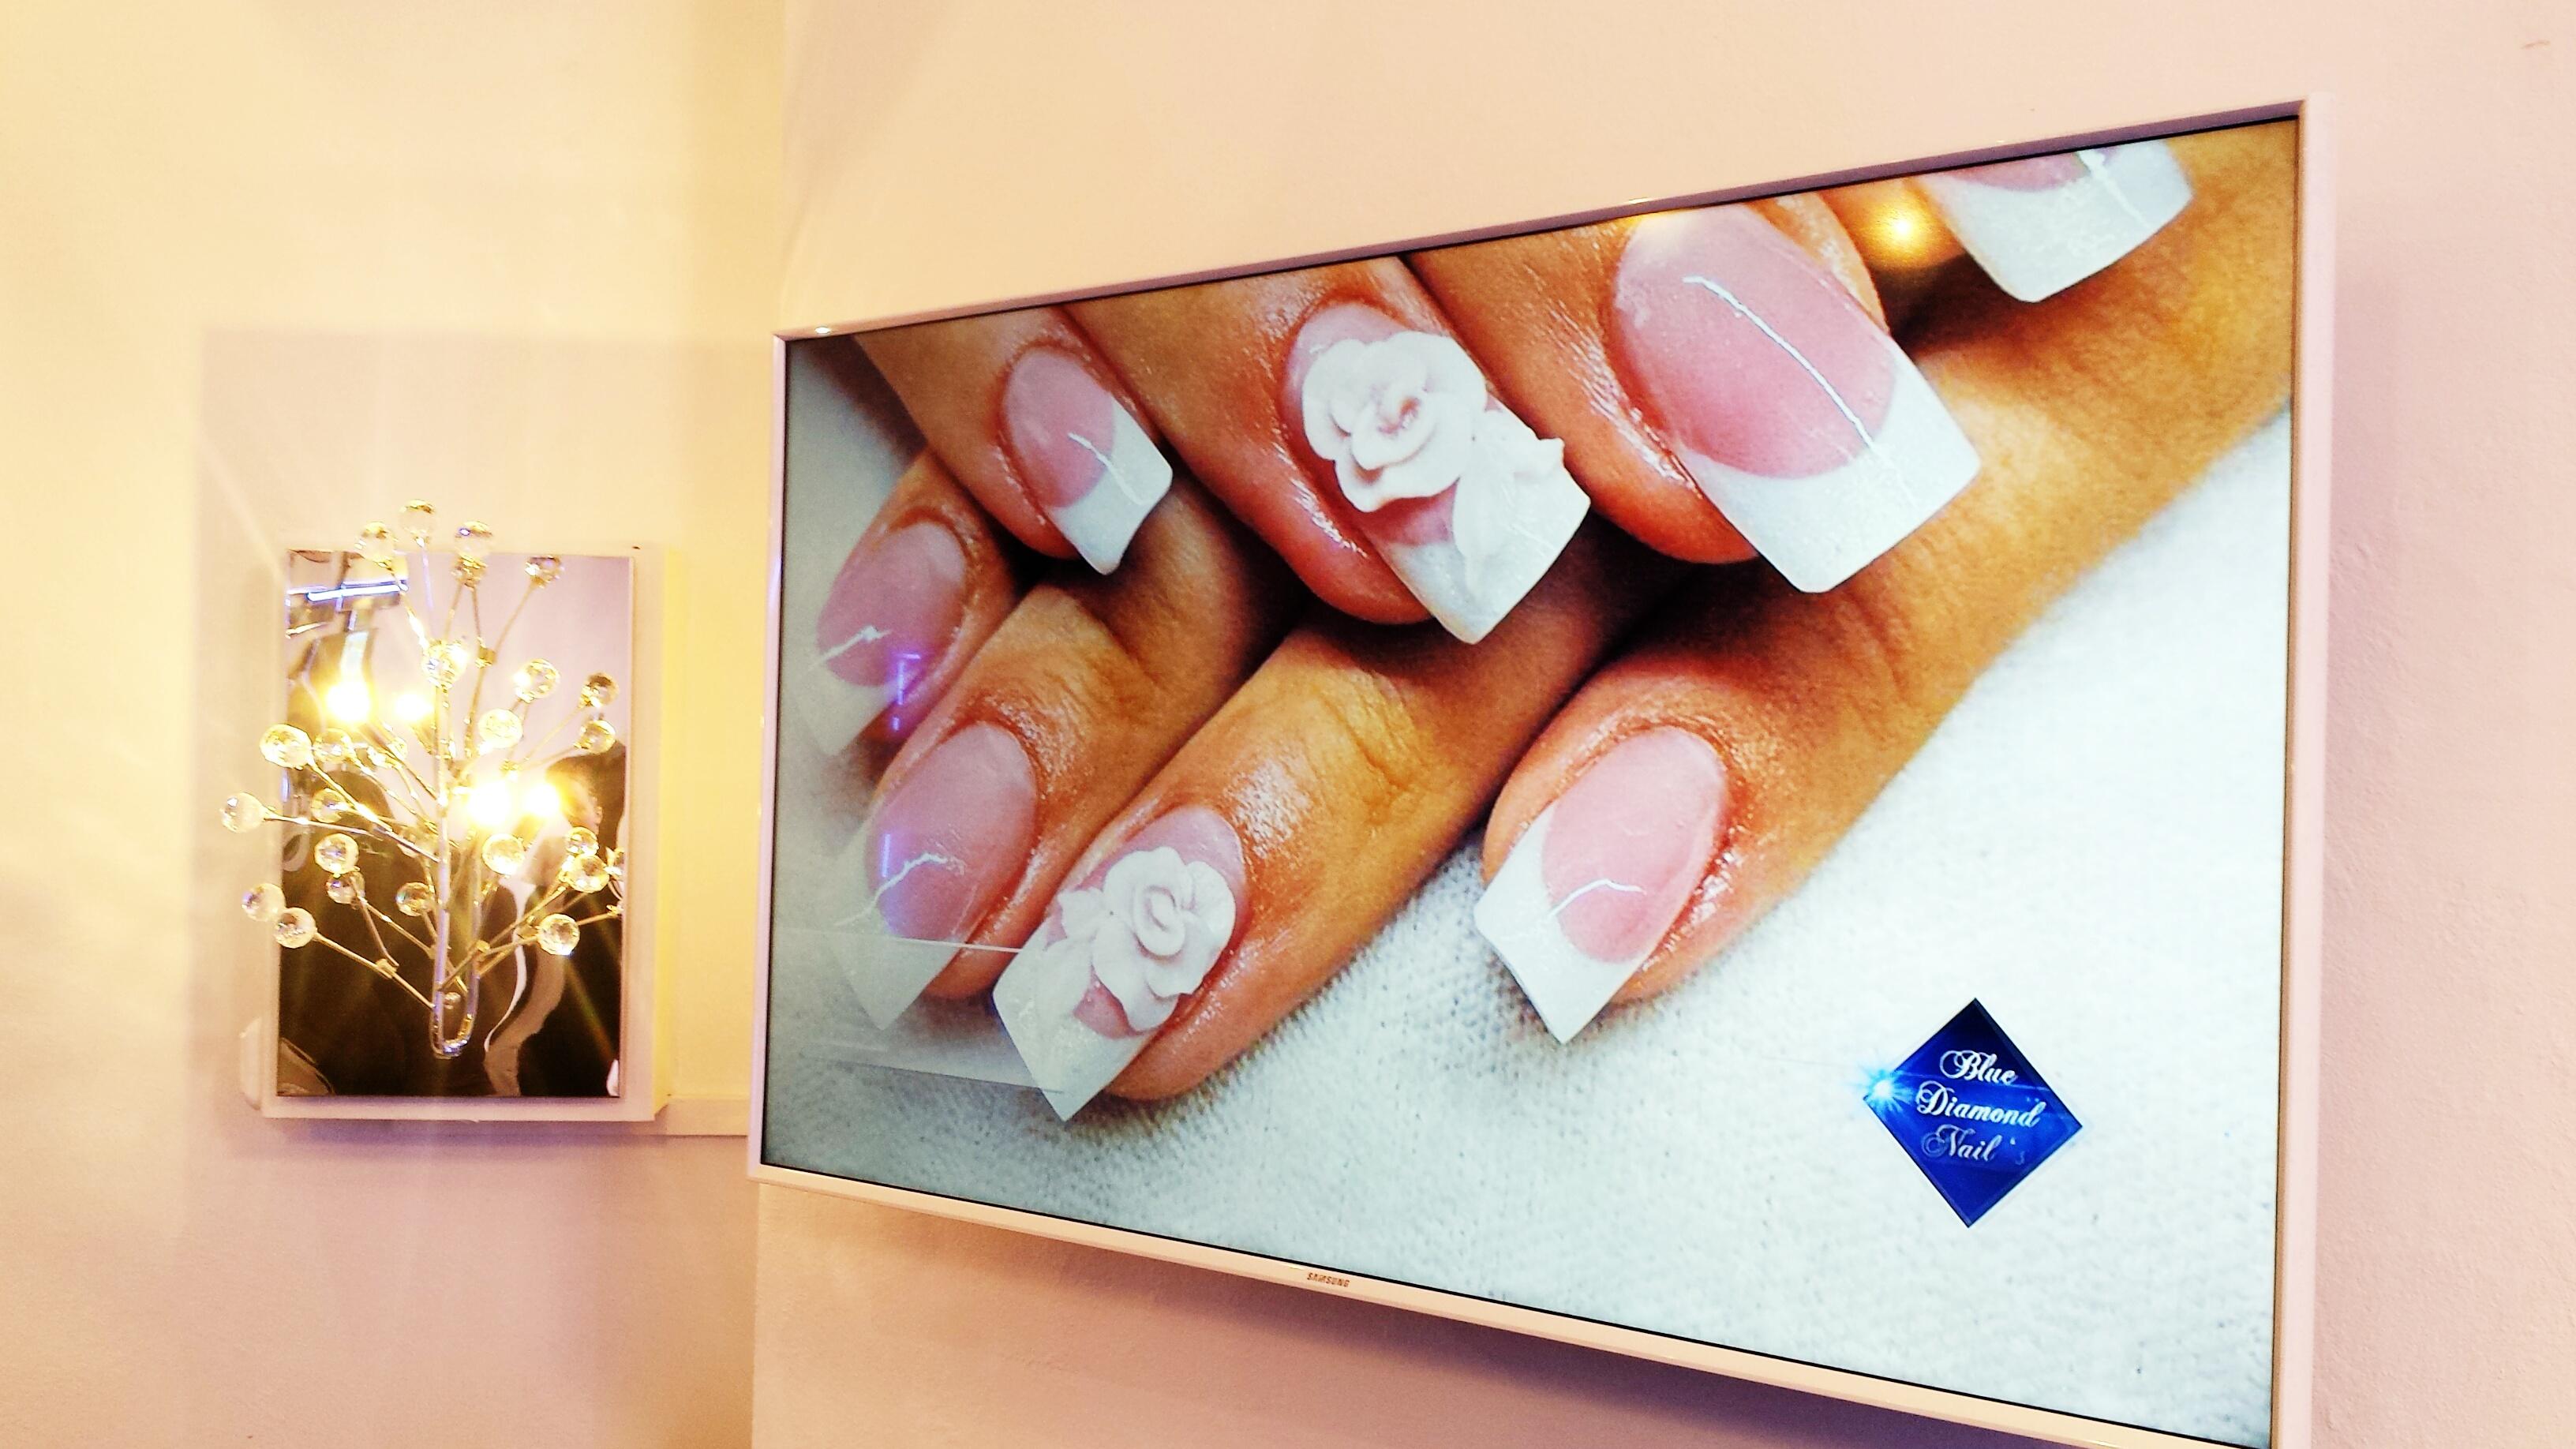 Blue Diamonds Nails : la nouvelle adresse des manucures parfaites à Cannes !